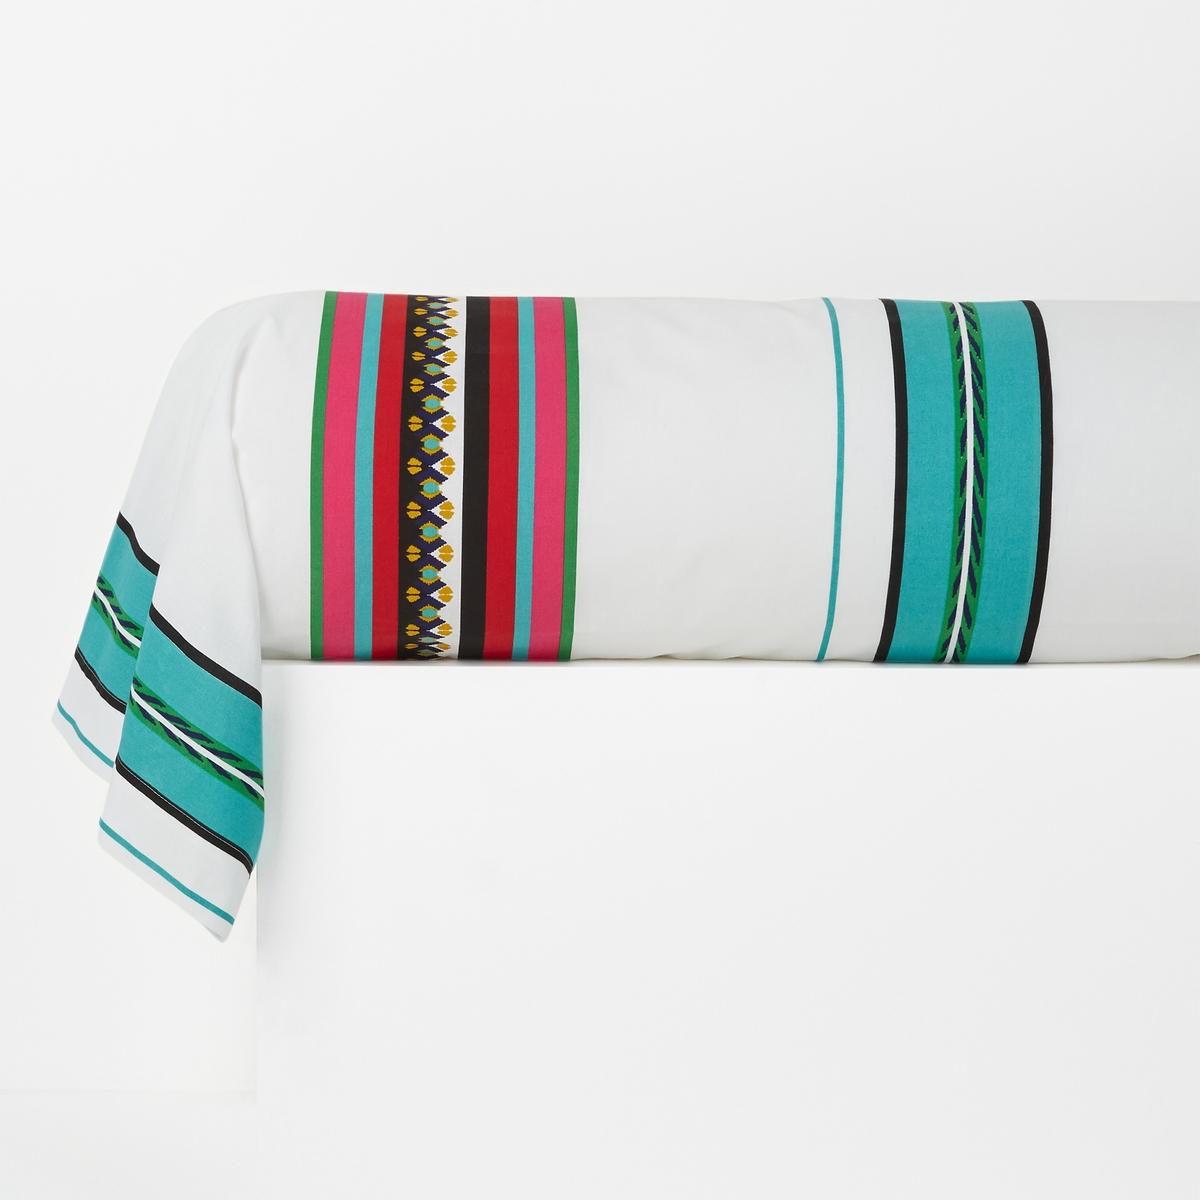 Наволочка на подушку-валик с рисунком, Nazca BlancНаволочка на подушку-валик с рисунком, Nazca Blanc, La Redoute Int?rieurs. Рисунок в полоску пончо в духе южноамериканского фольклора.   Характеристики наволочки на подушку-валик :100% хлопка, 57 нитей/см2Чем больше нитей/см2, тем выше качество ткани.Машинная стирка при 60 °С.Размеры наволочки на подушку-валик :85 x 185 см Знак Oeko-Tex® гарантирует, что товары прошли проверку и были изготовлены без применения вредных для здоровья человека веществ.Уход :Следуйте рекомендациям по уходу, указанным на этикетке изделия.<br><br>Цвет: рисунок/белый<br>Размер: 85 x 185 см